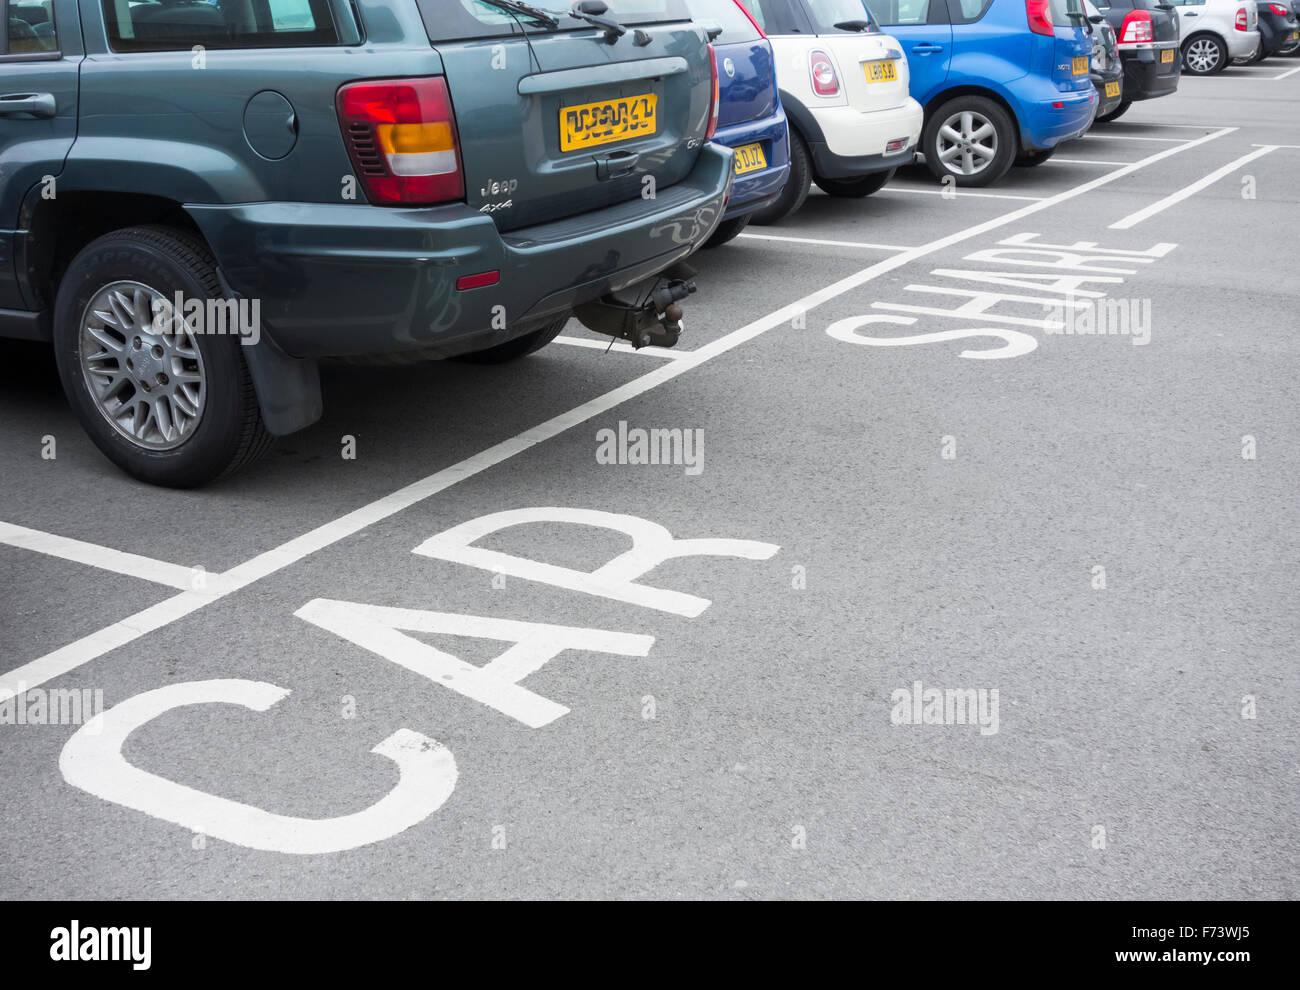 Compartir coche aparcamiento en Lingfield punto business park. Darlington, Inglaterra, Reino Unido. Imagen De Stock